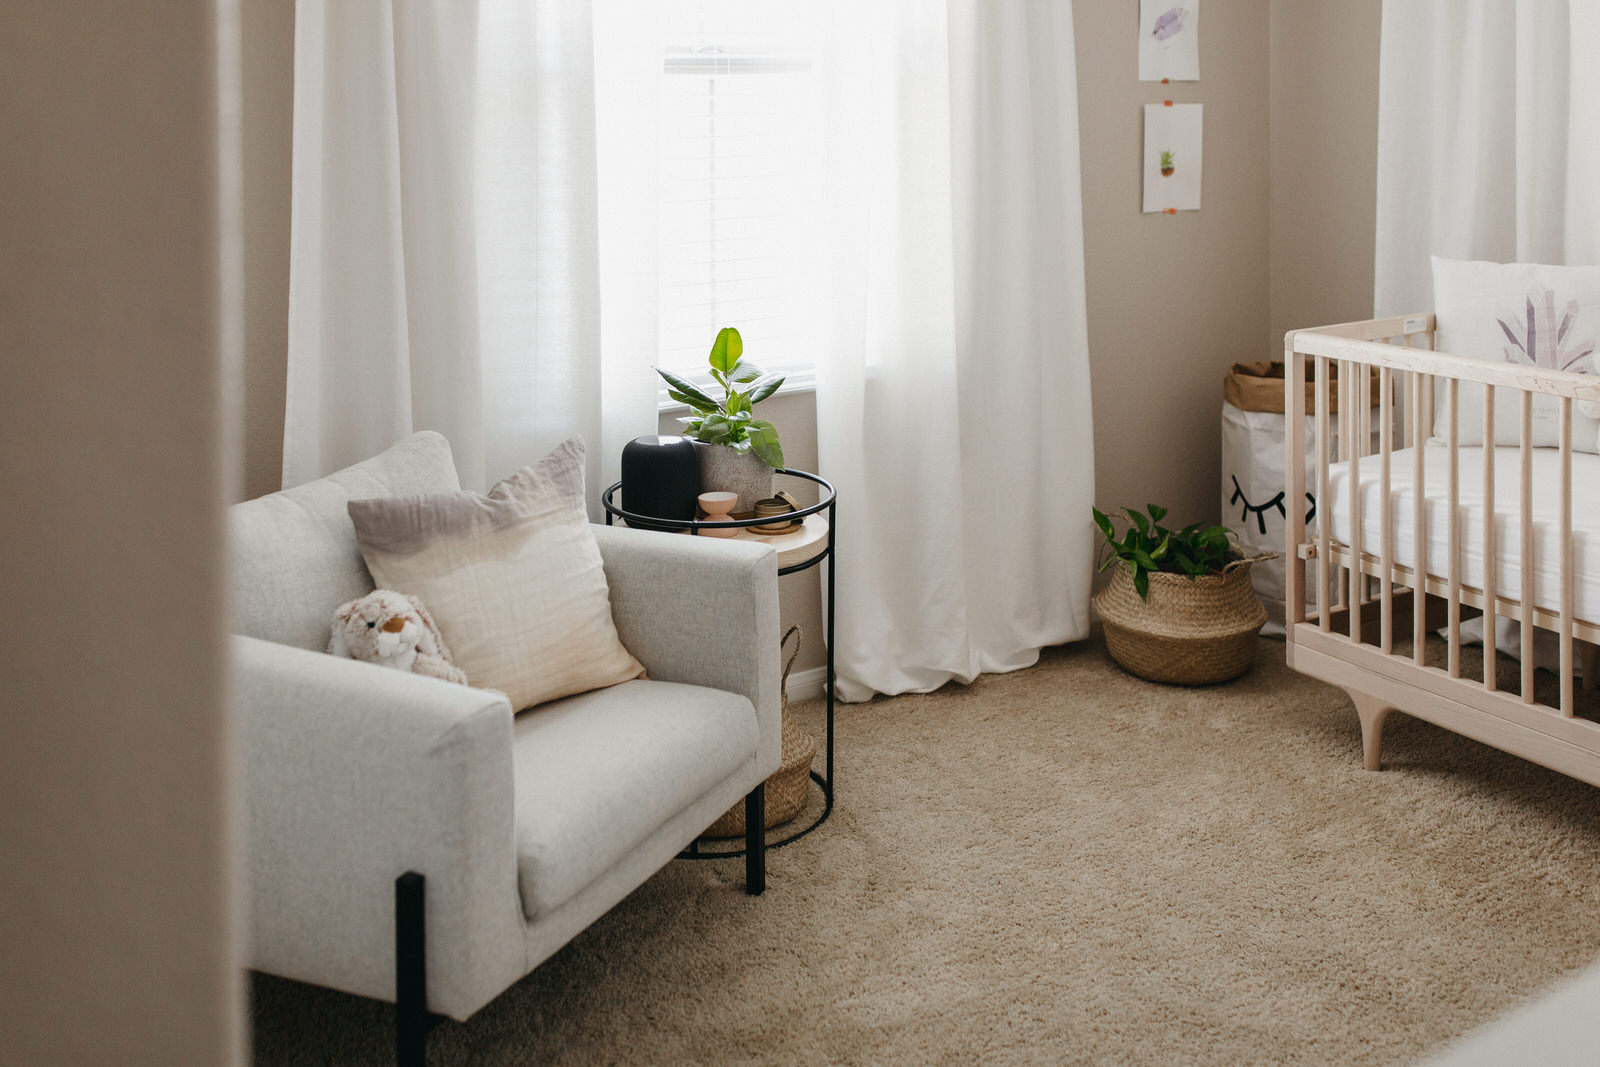 Chloé's Nursery - Baby's Room - V1 (23 of 48).jpg